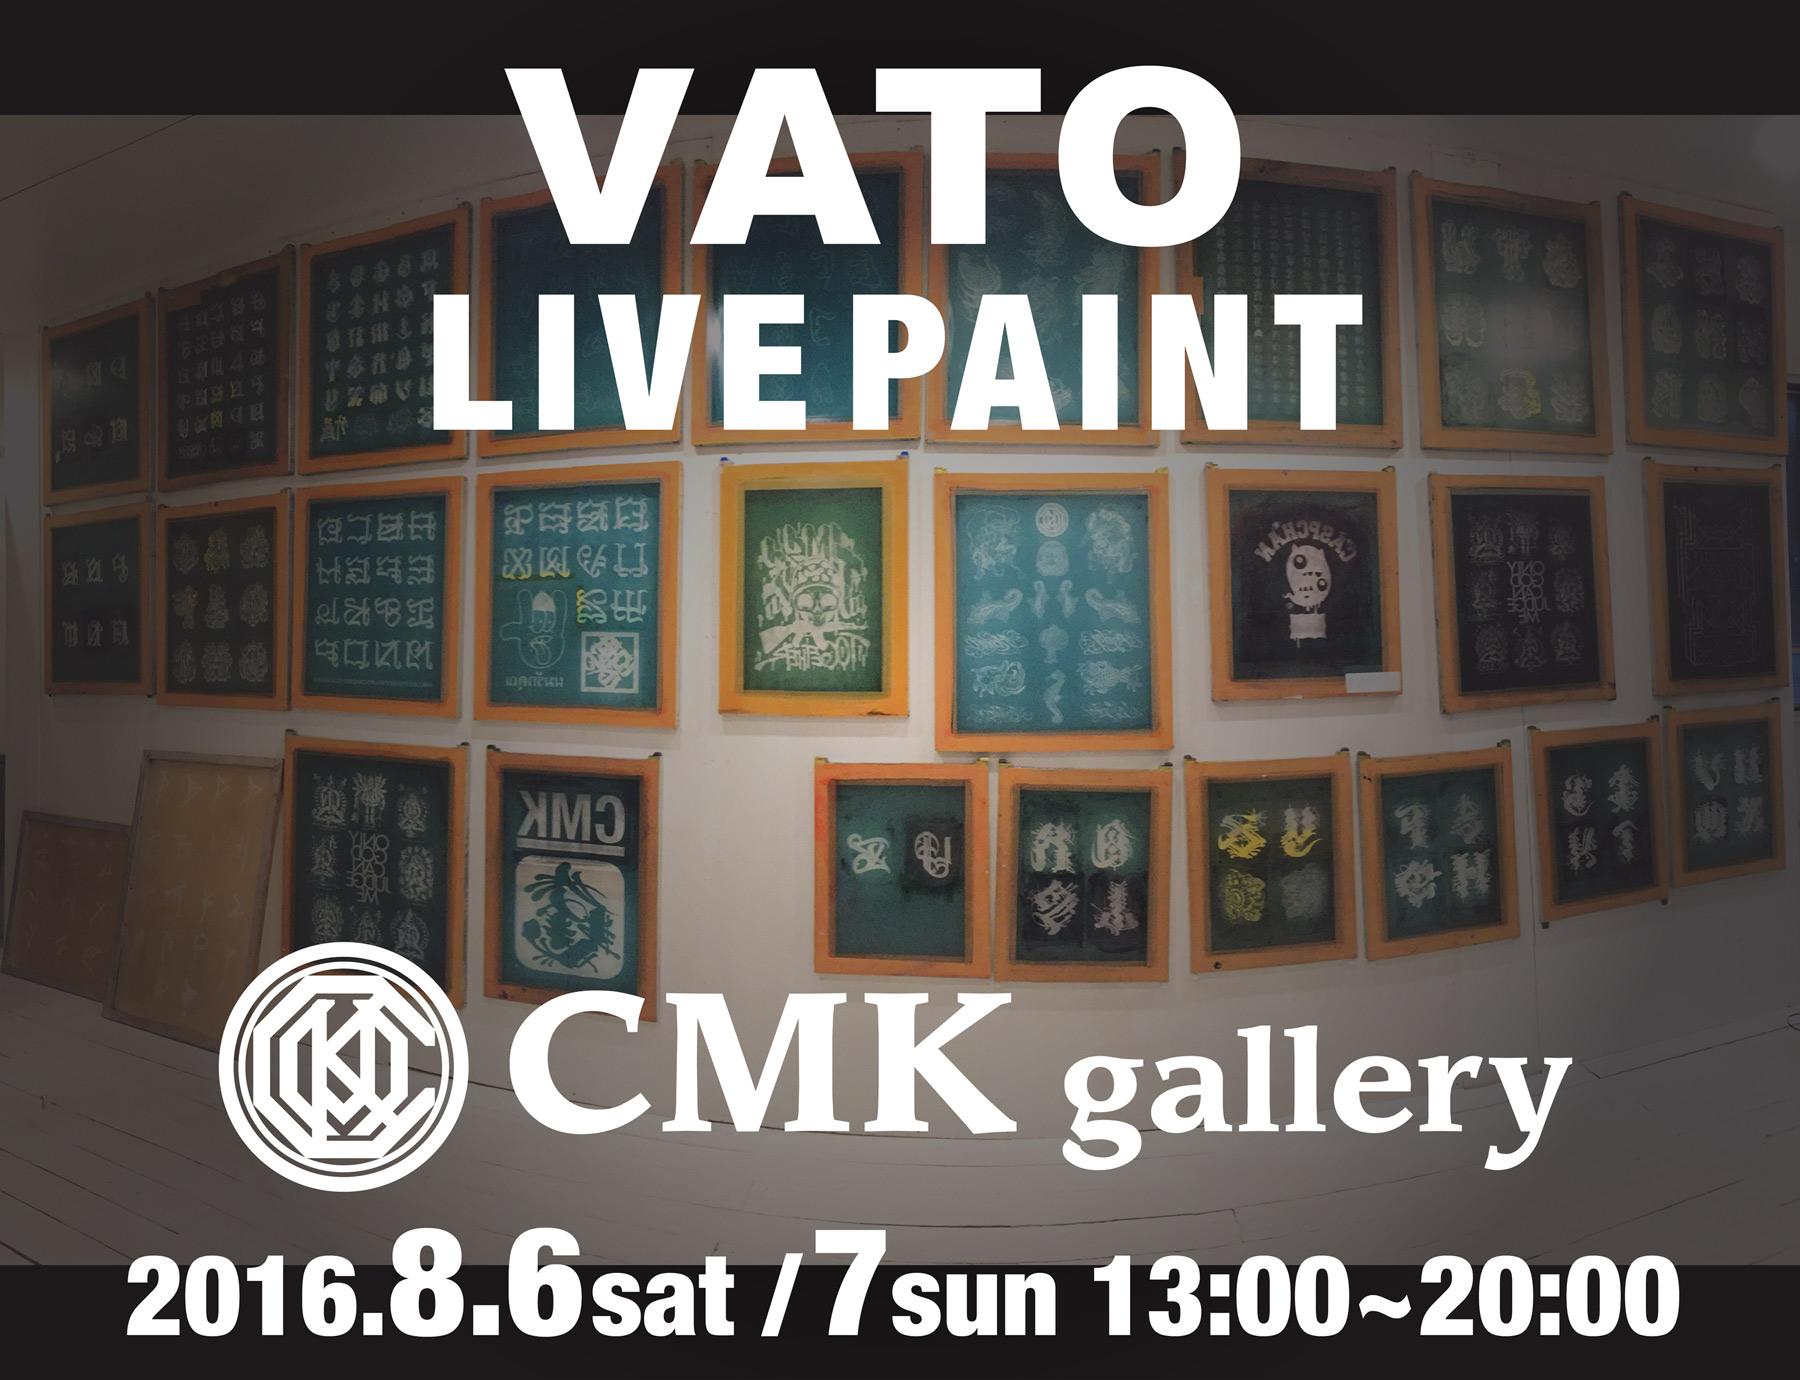 VATO LivePaint